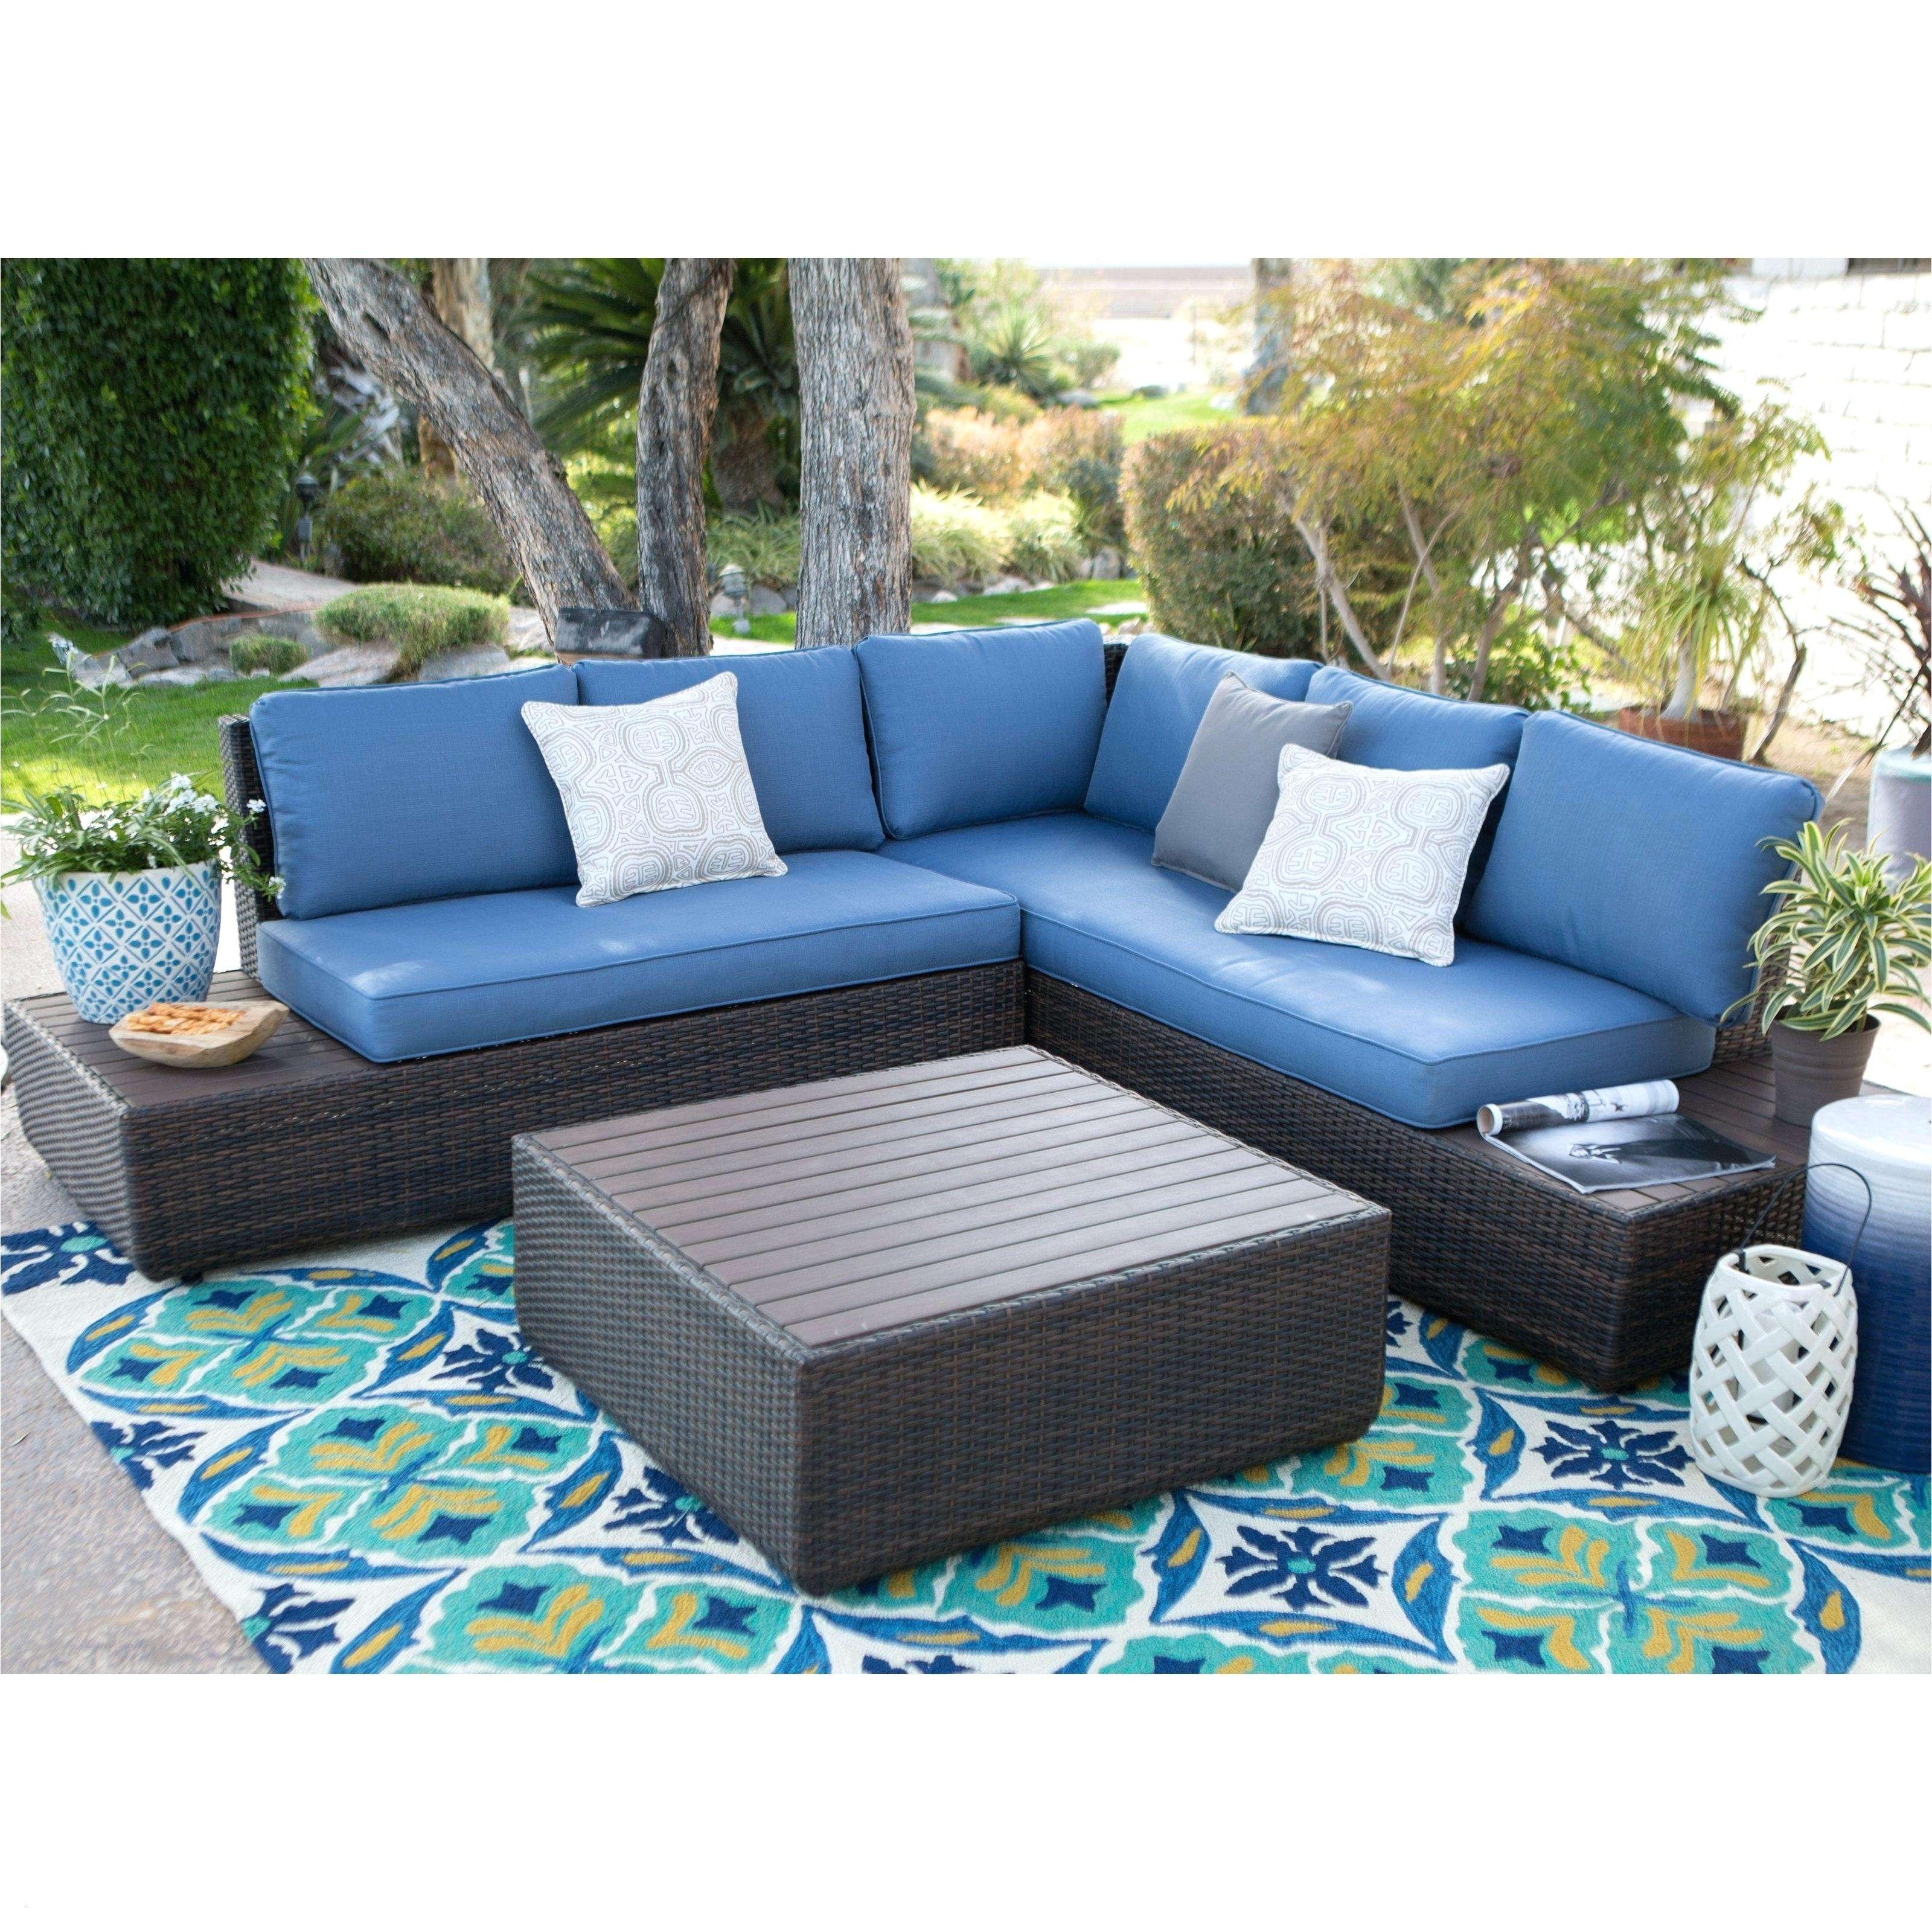 diy outdoor furniture elegant diy patio popular diy patio lovely wicker outdoor sofa 0d patio